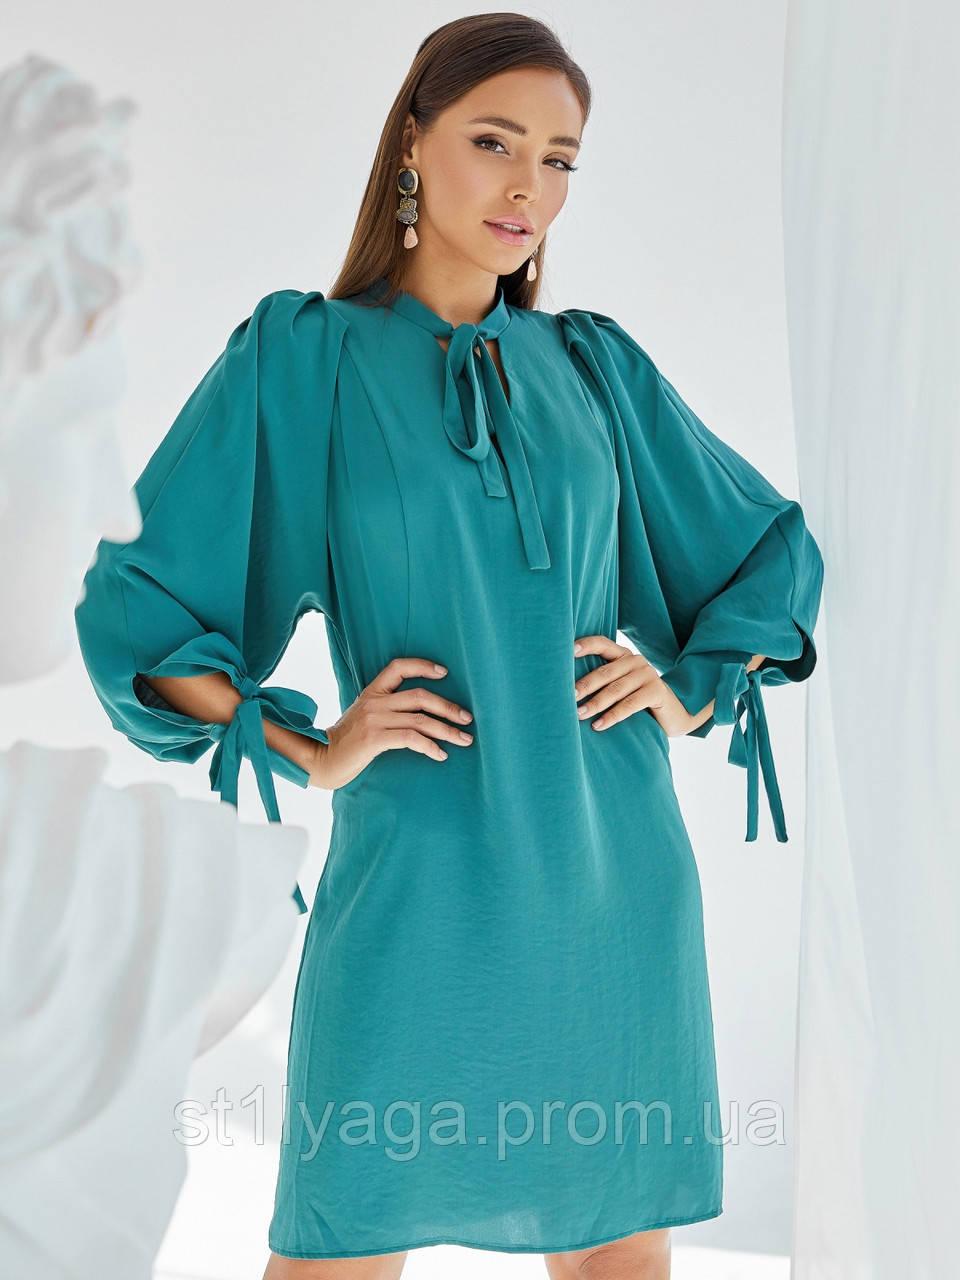 Платье-трапеция с воротником аскот и рукавом летучая мышь